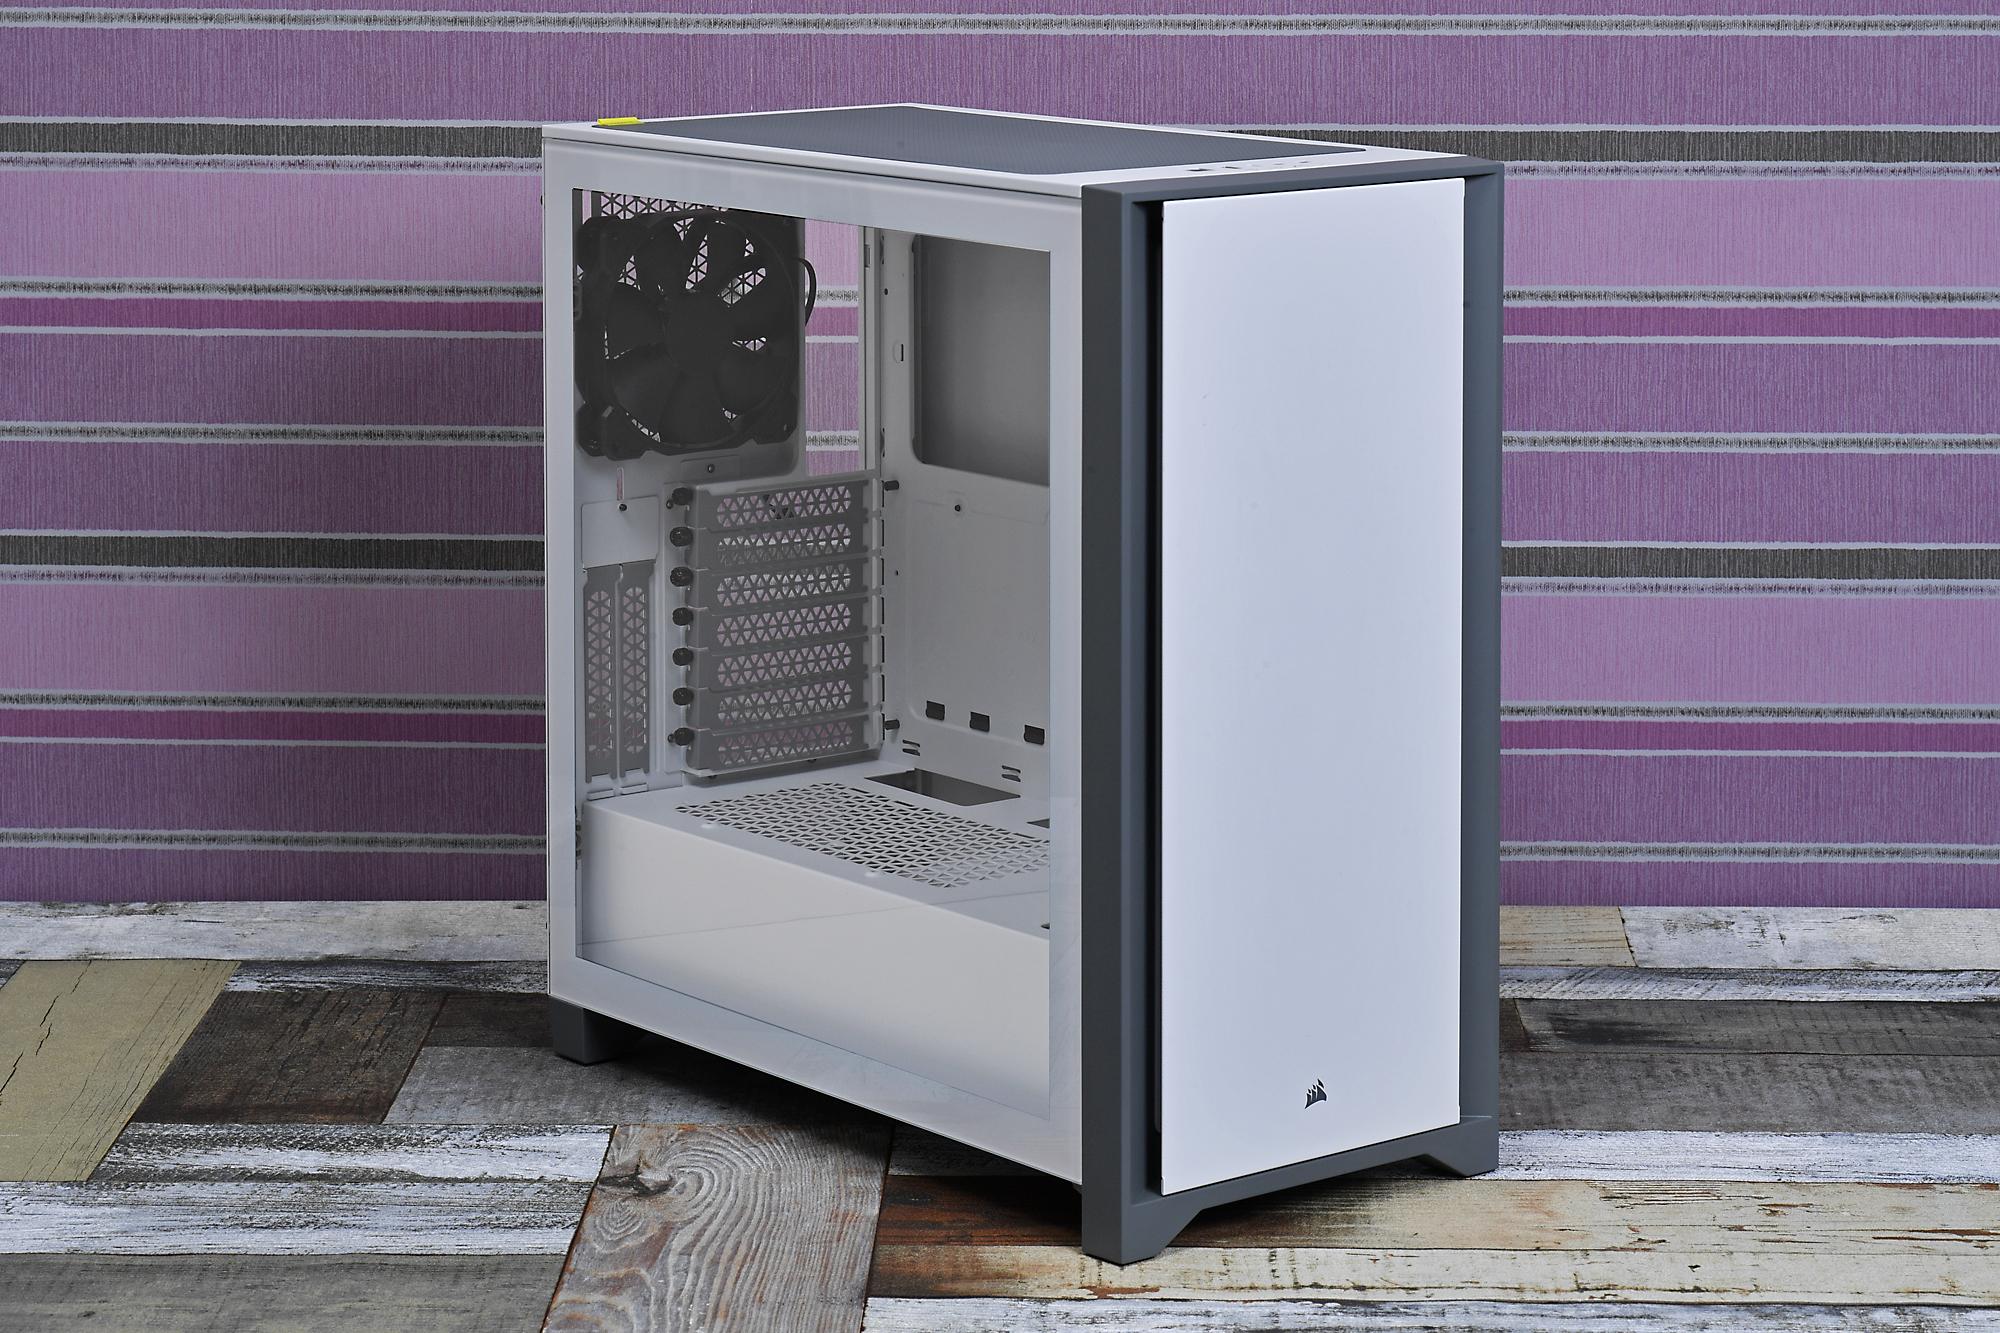 シンプルな「4000D Tempered Glass」には装飾などを廃した質重視の構成も良く合う。